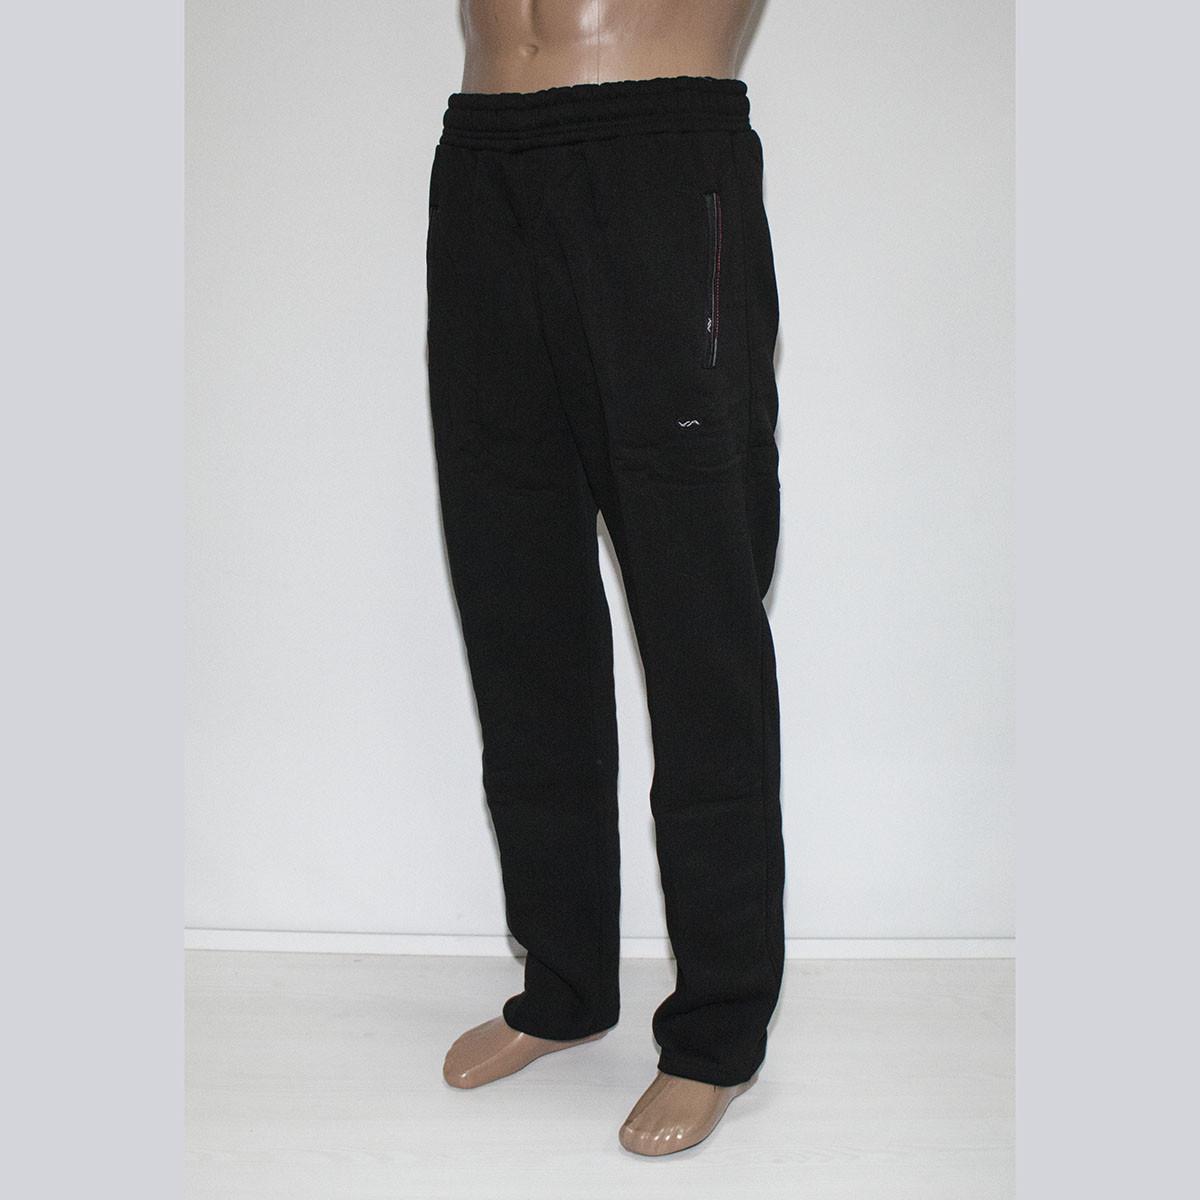 Теплые мужские спортивные брюки трехнитка пр-во Турция 4996